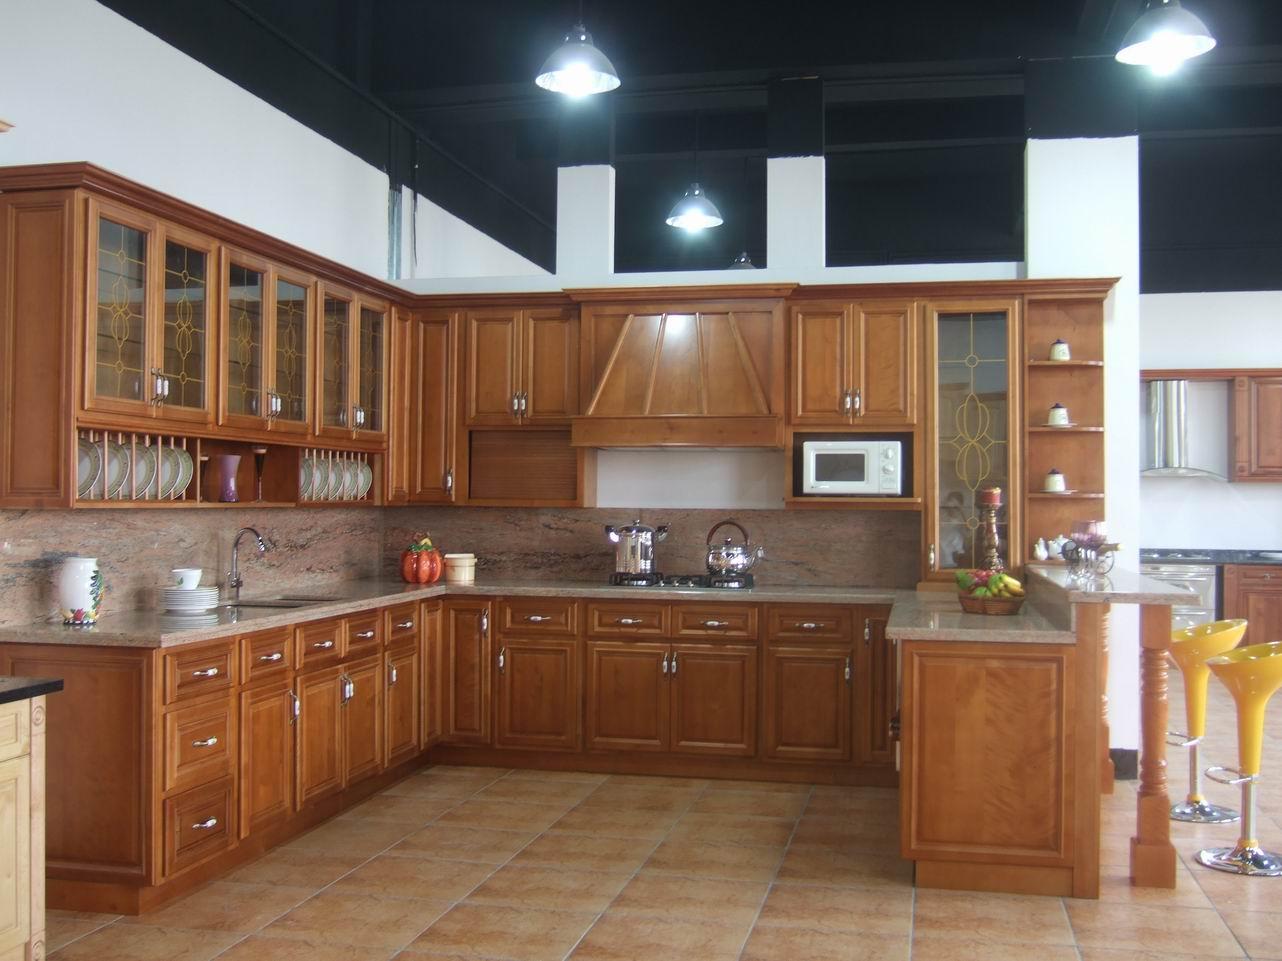 Remates De Muebles De Cocina – Idea de la imagen de inicio